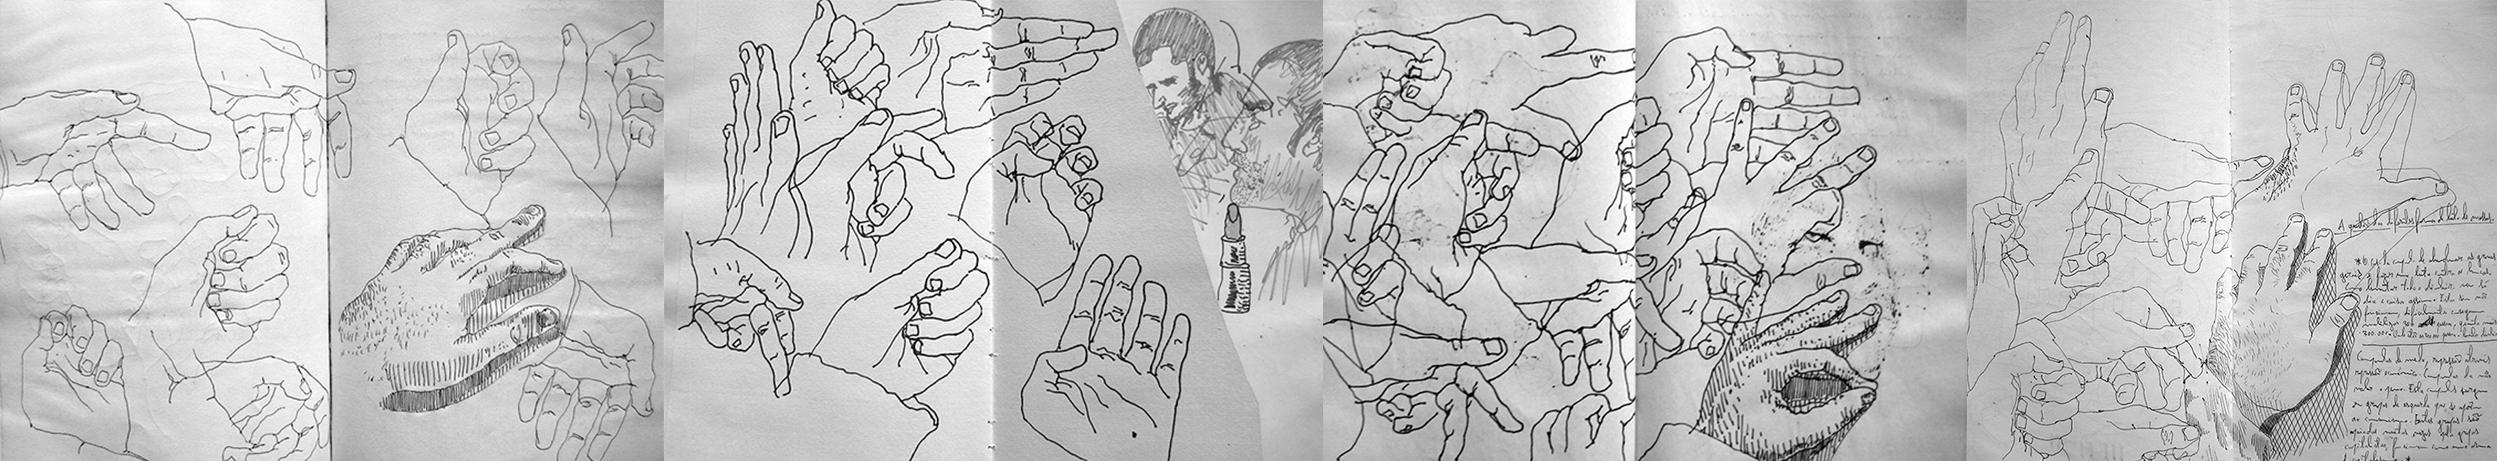 doodles_hands_drawing_grande_003